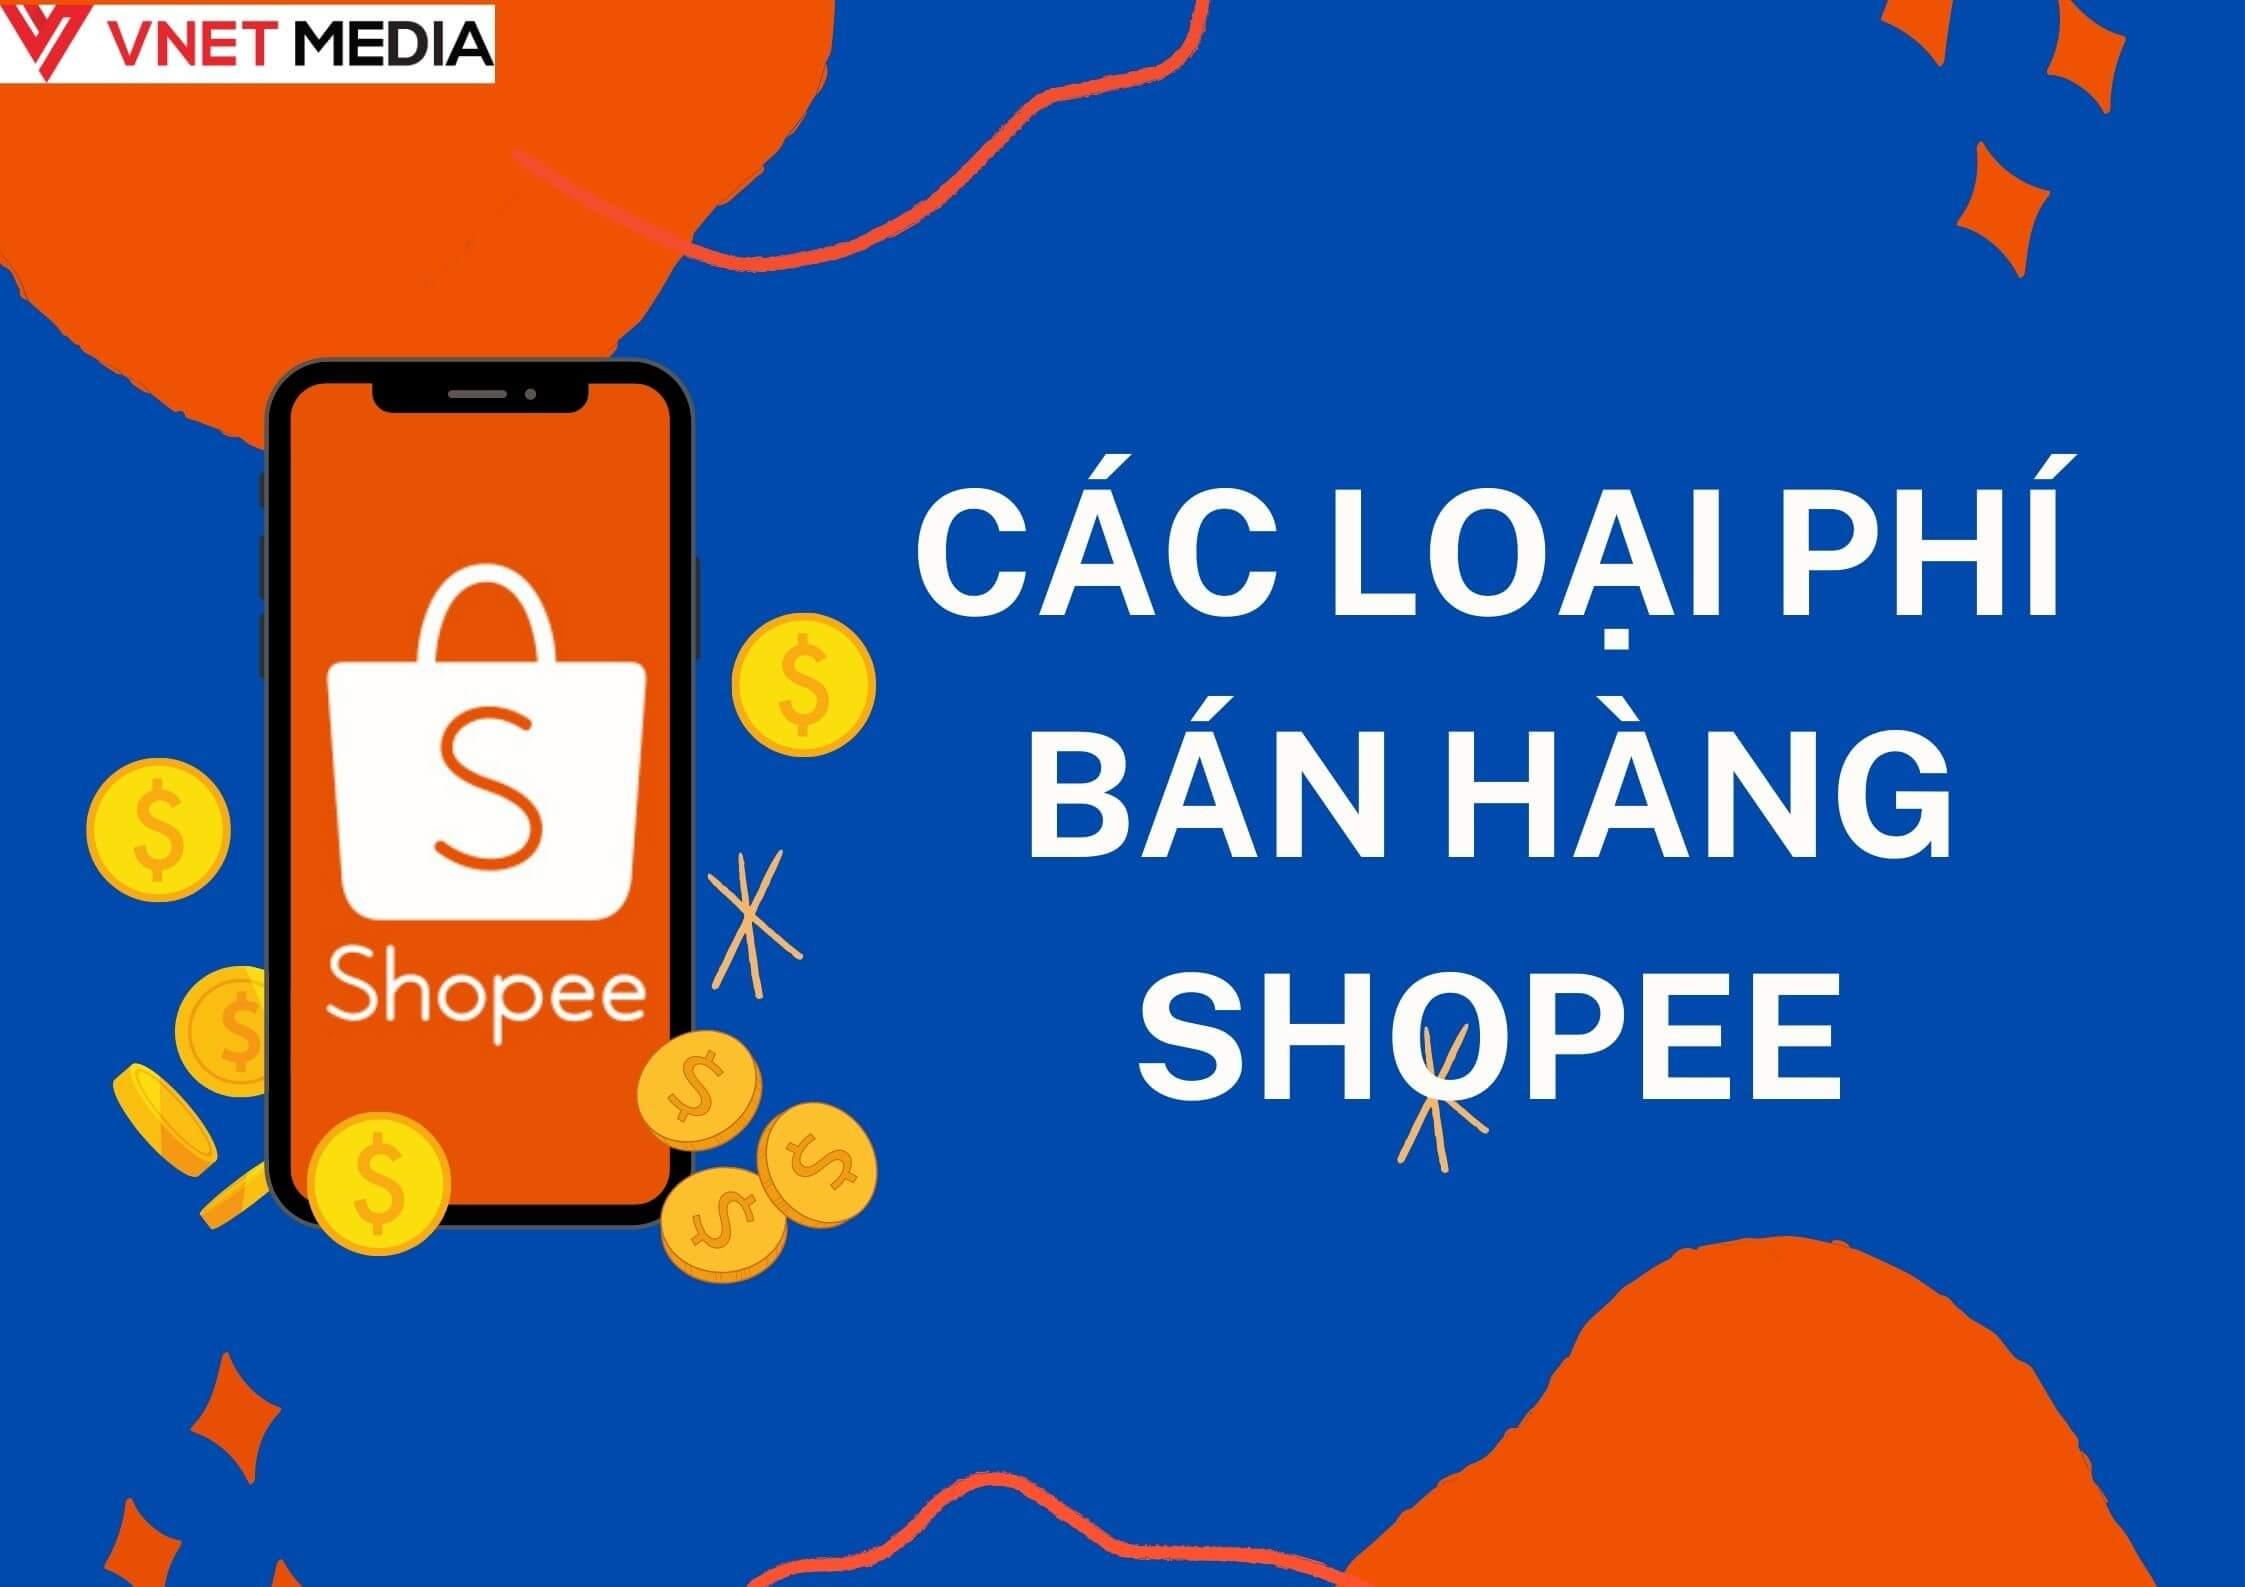 Tổng hợp tất cả các loại phí bán hàng trên Shopee Mall